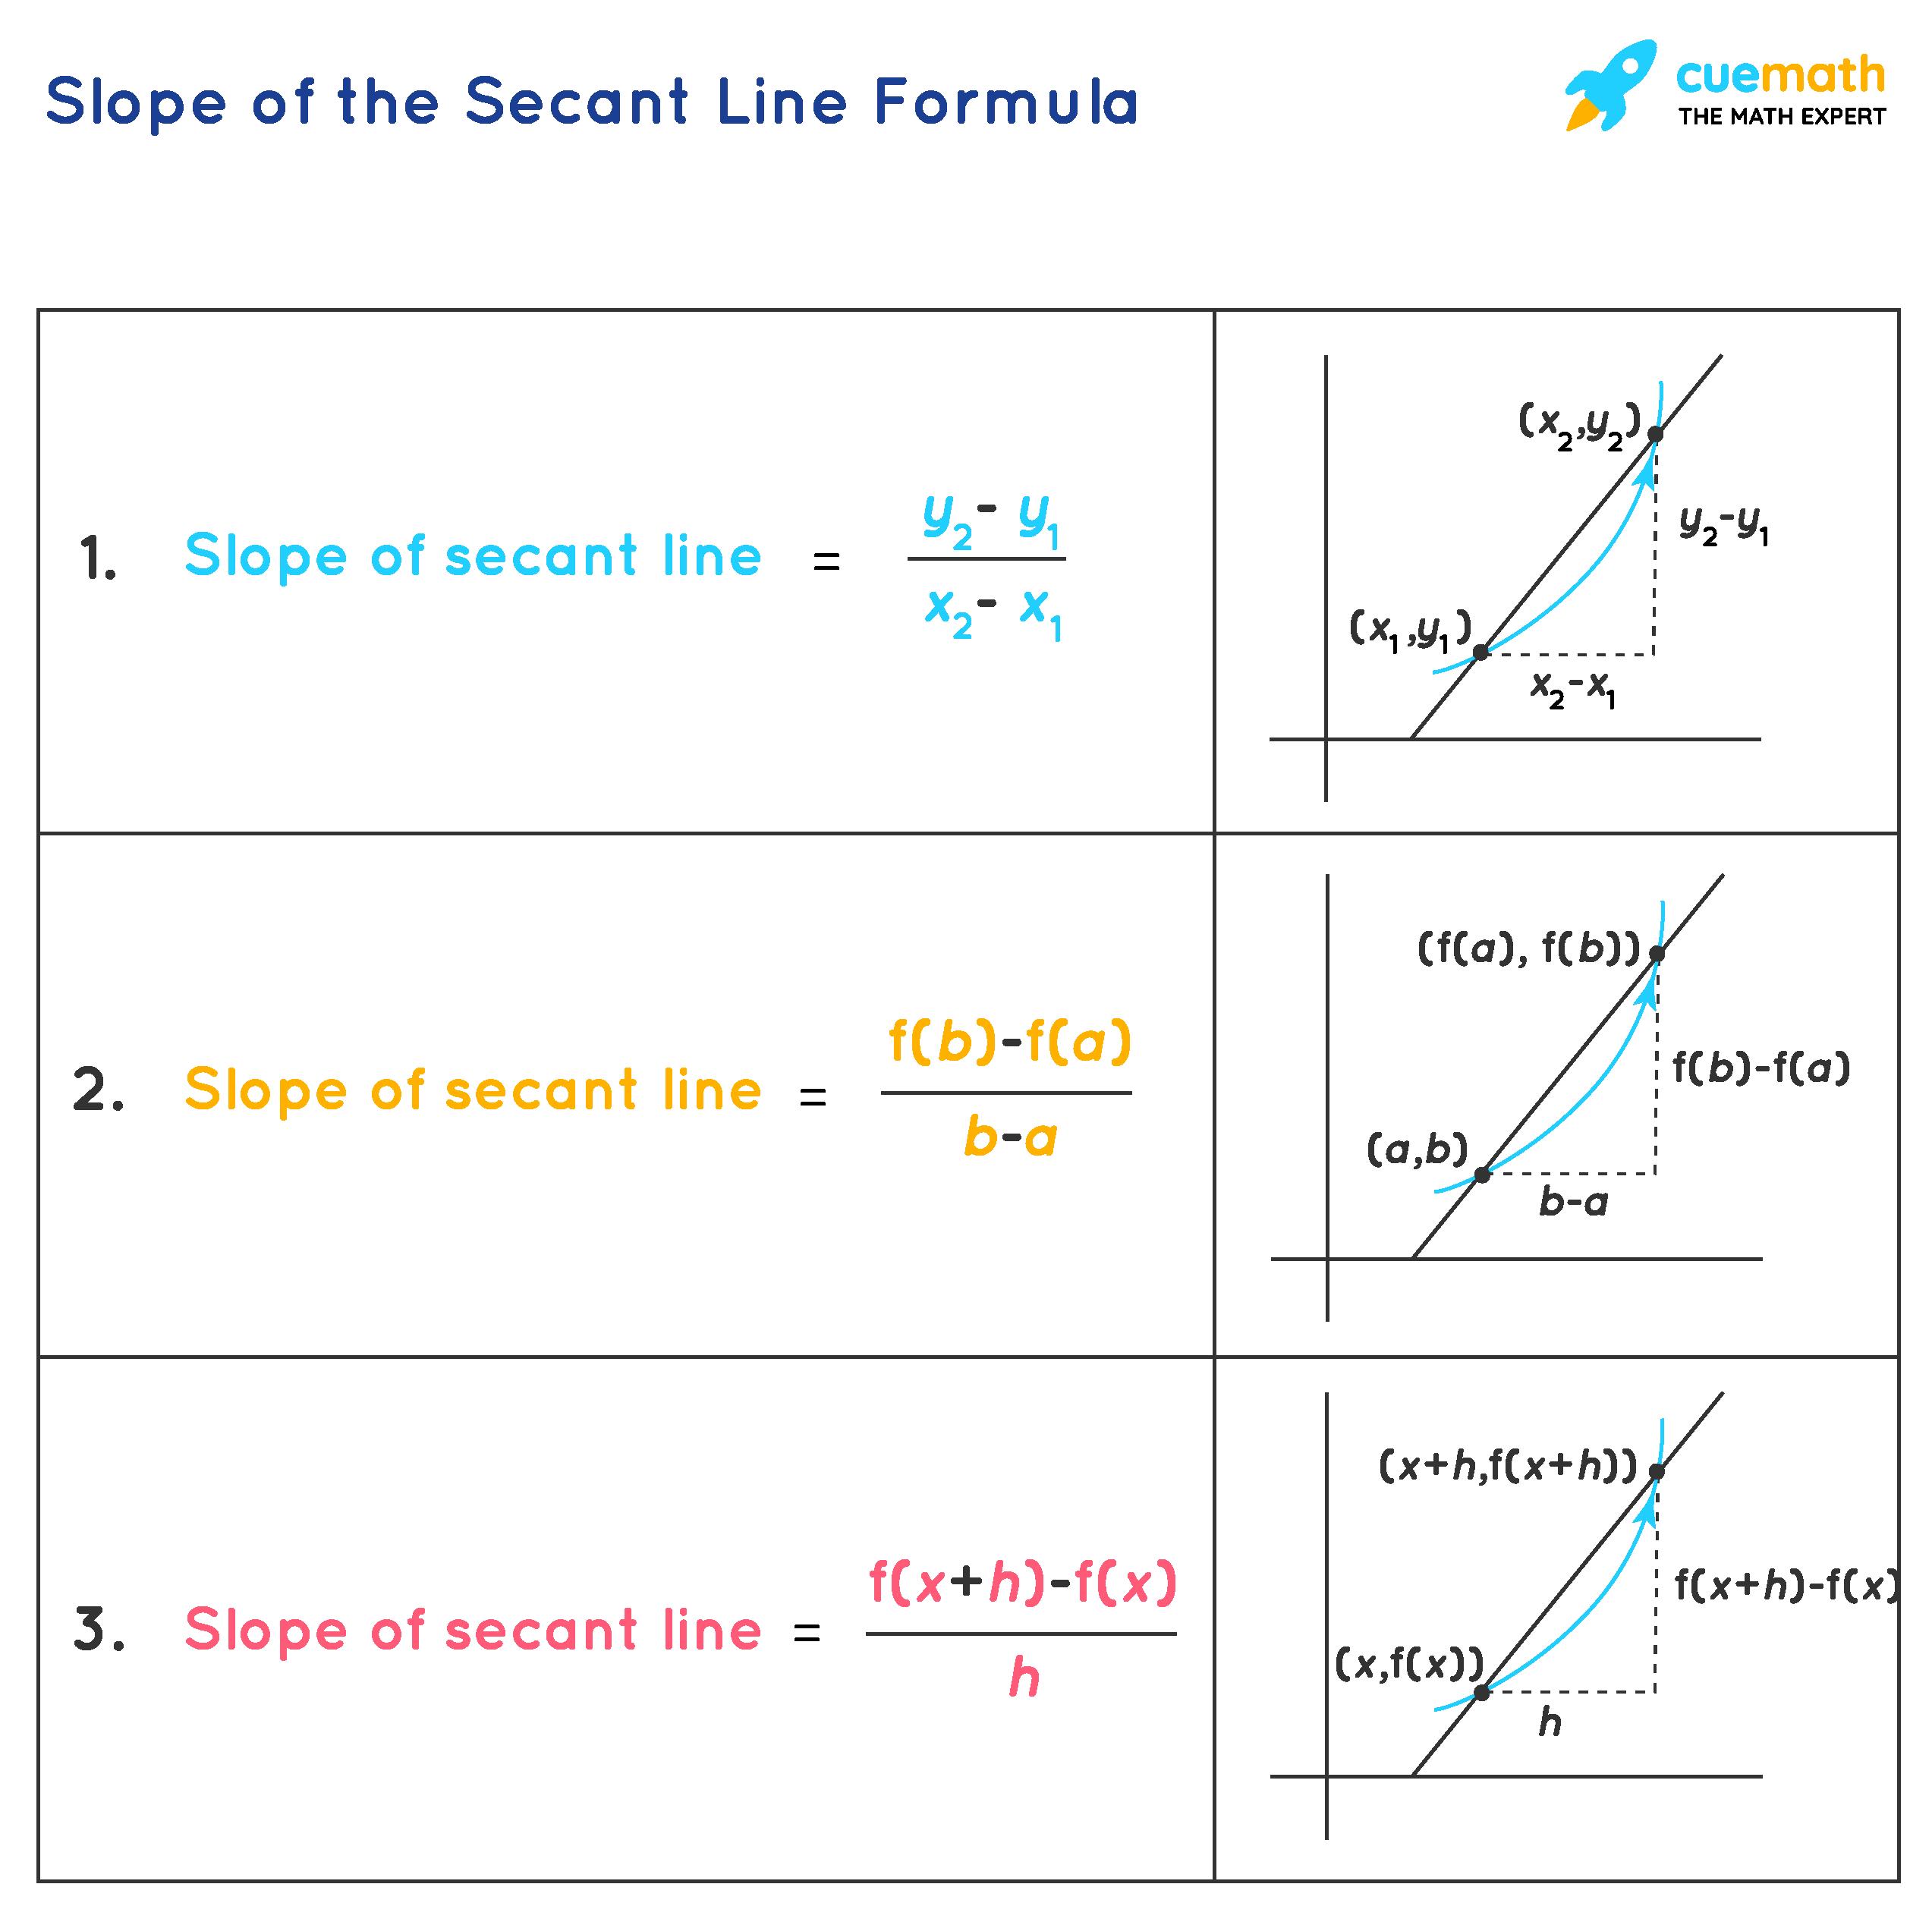 slope of the secant line formula